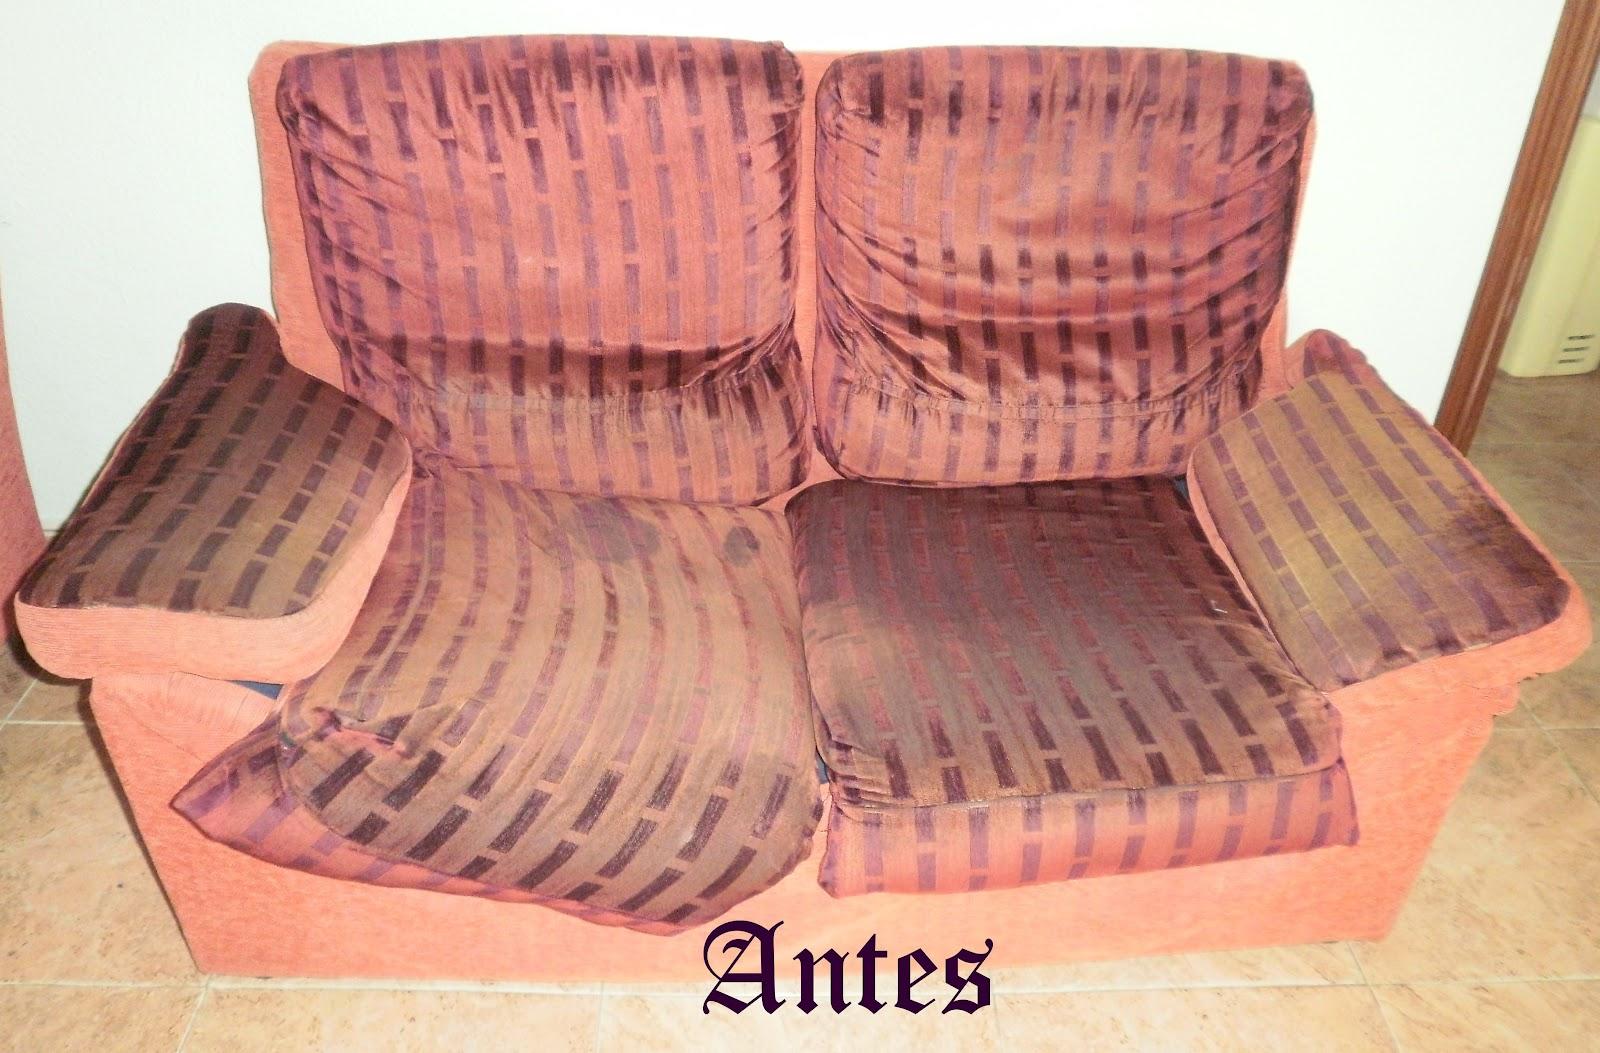 Pasi n por las labores 04 2012 - Materiales para tapizar una silla ...